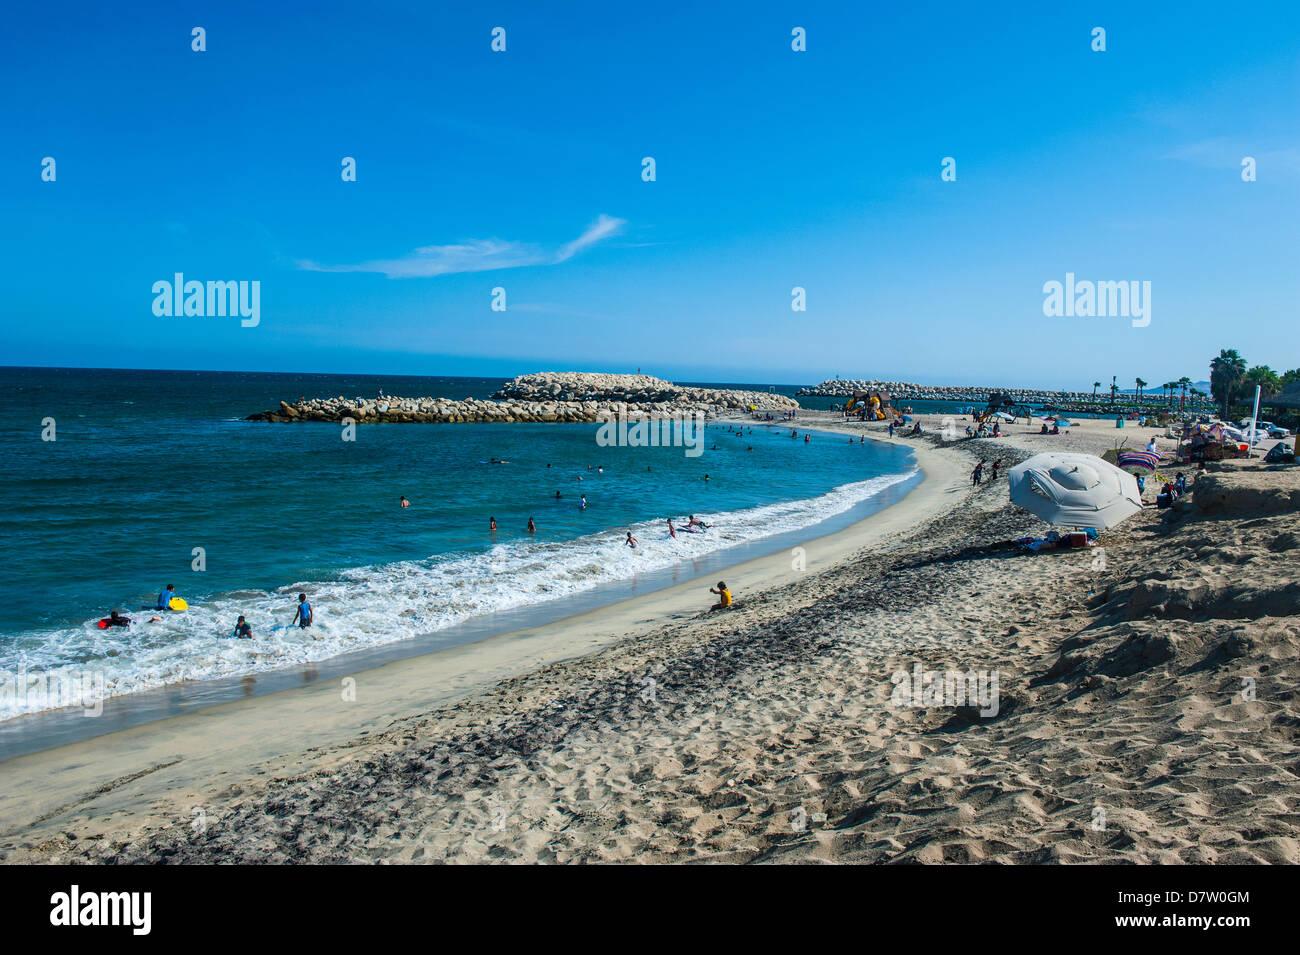 Beach in Puerto Los Cabos part of San Jose del Cabo, Baja California, Mexico - Stock Image